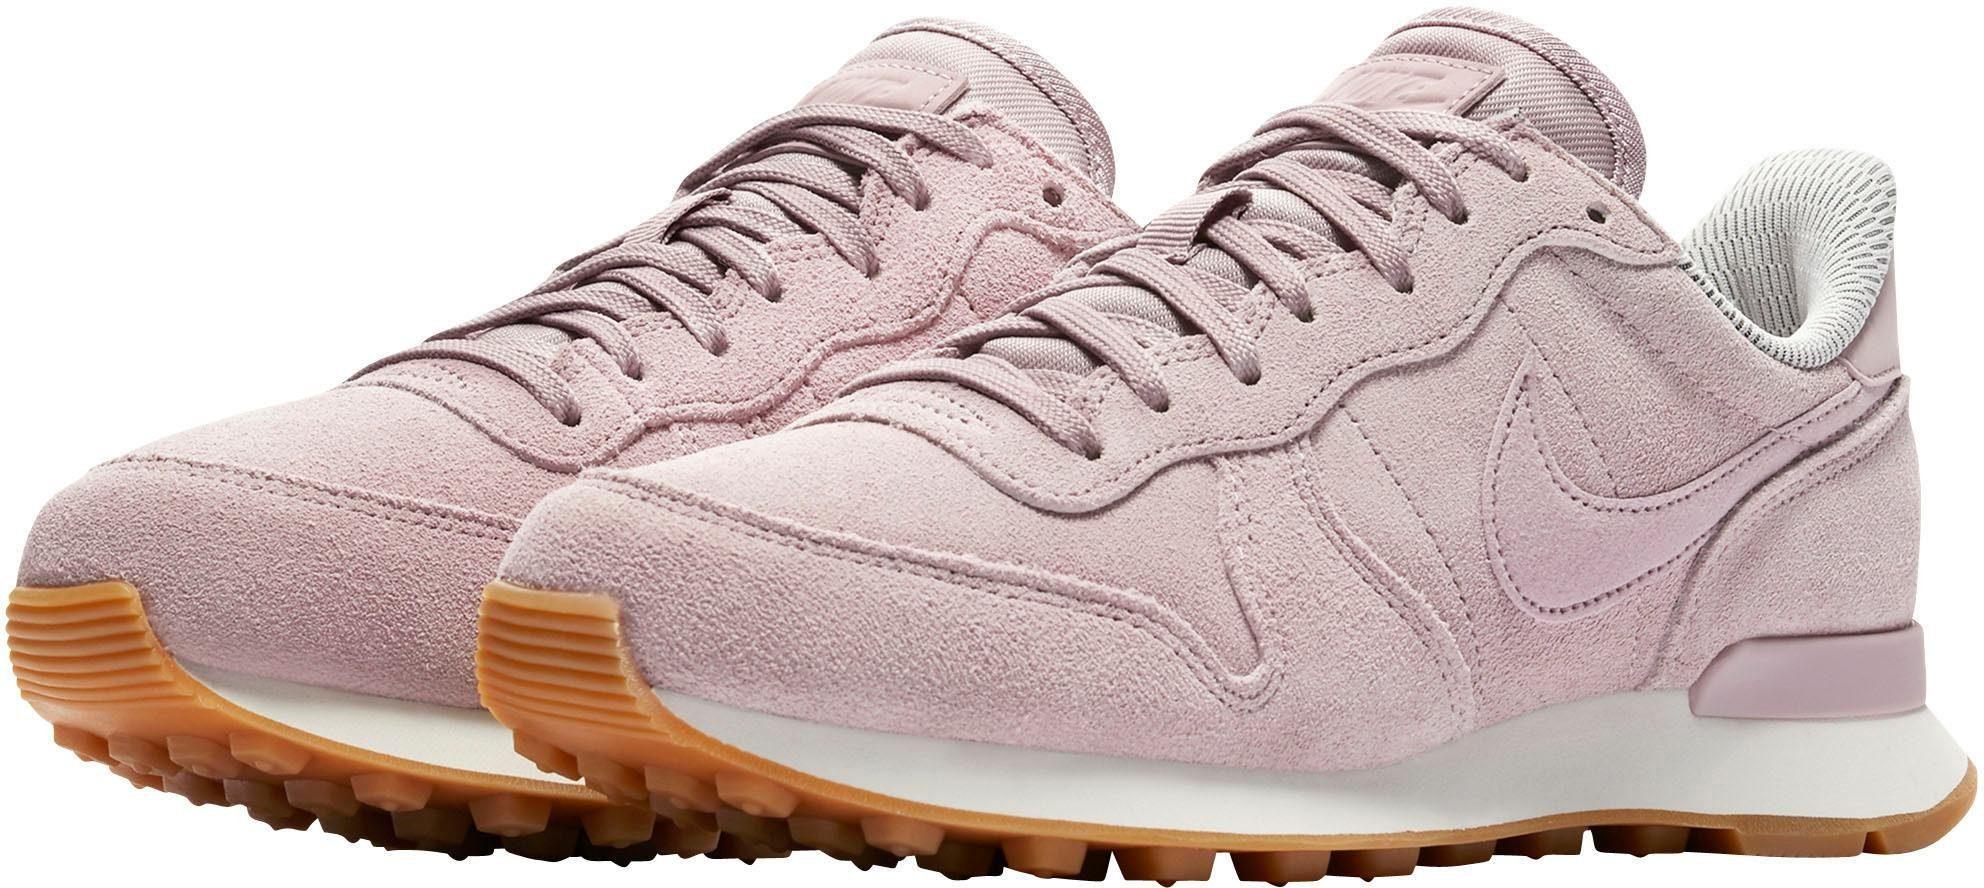 Nike Sportswear Wmns Internationalist SE Sneaker  rosa